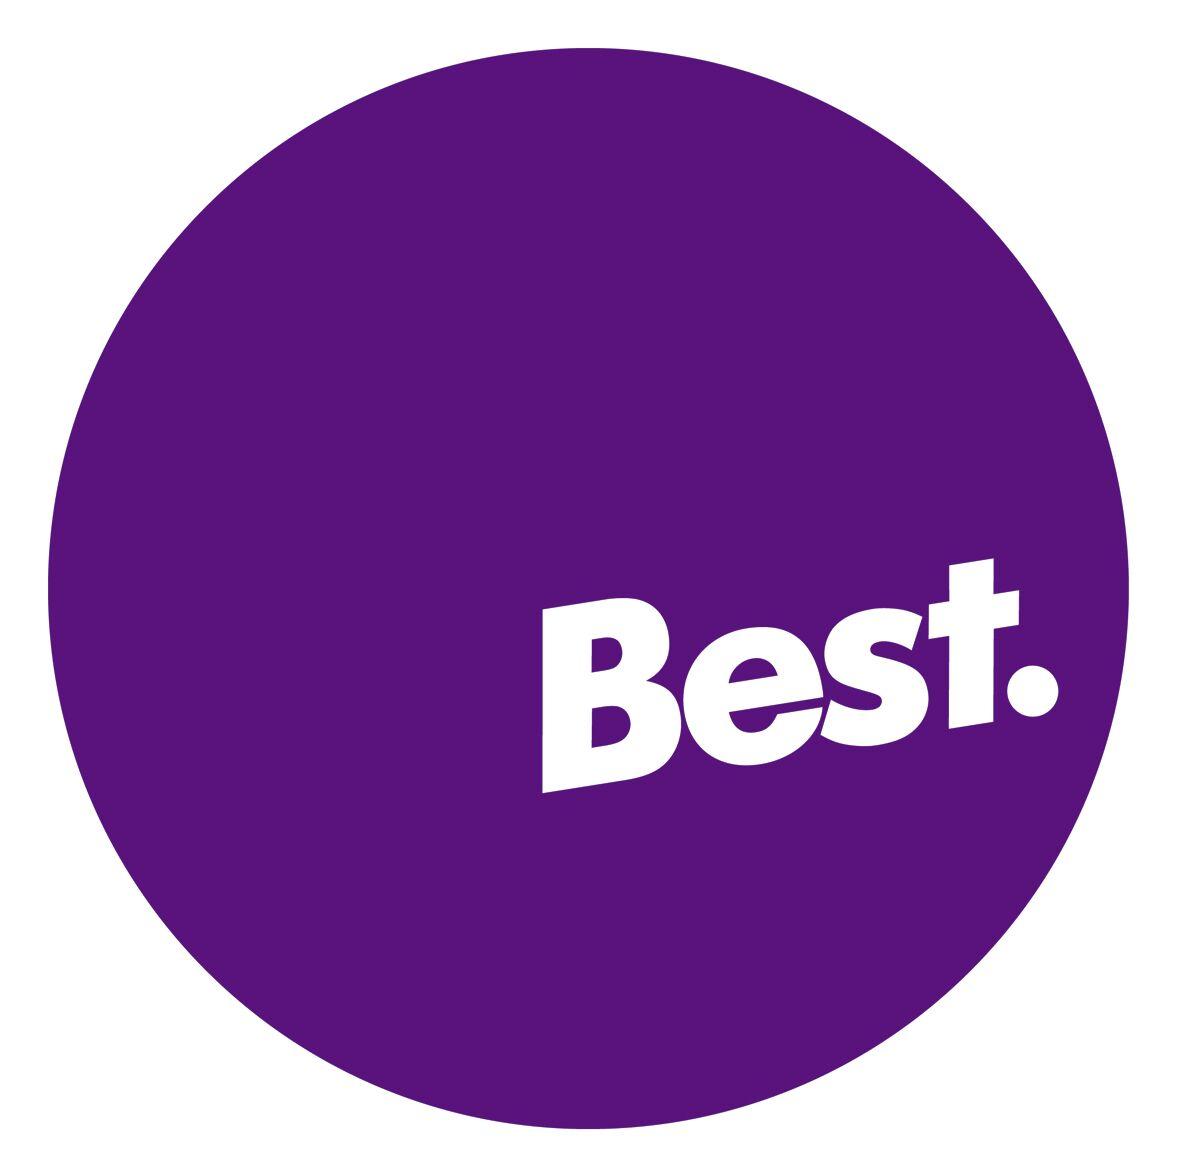 BestAwards